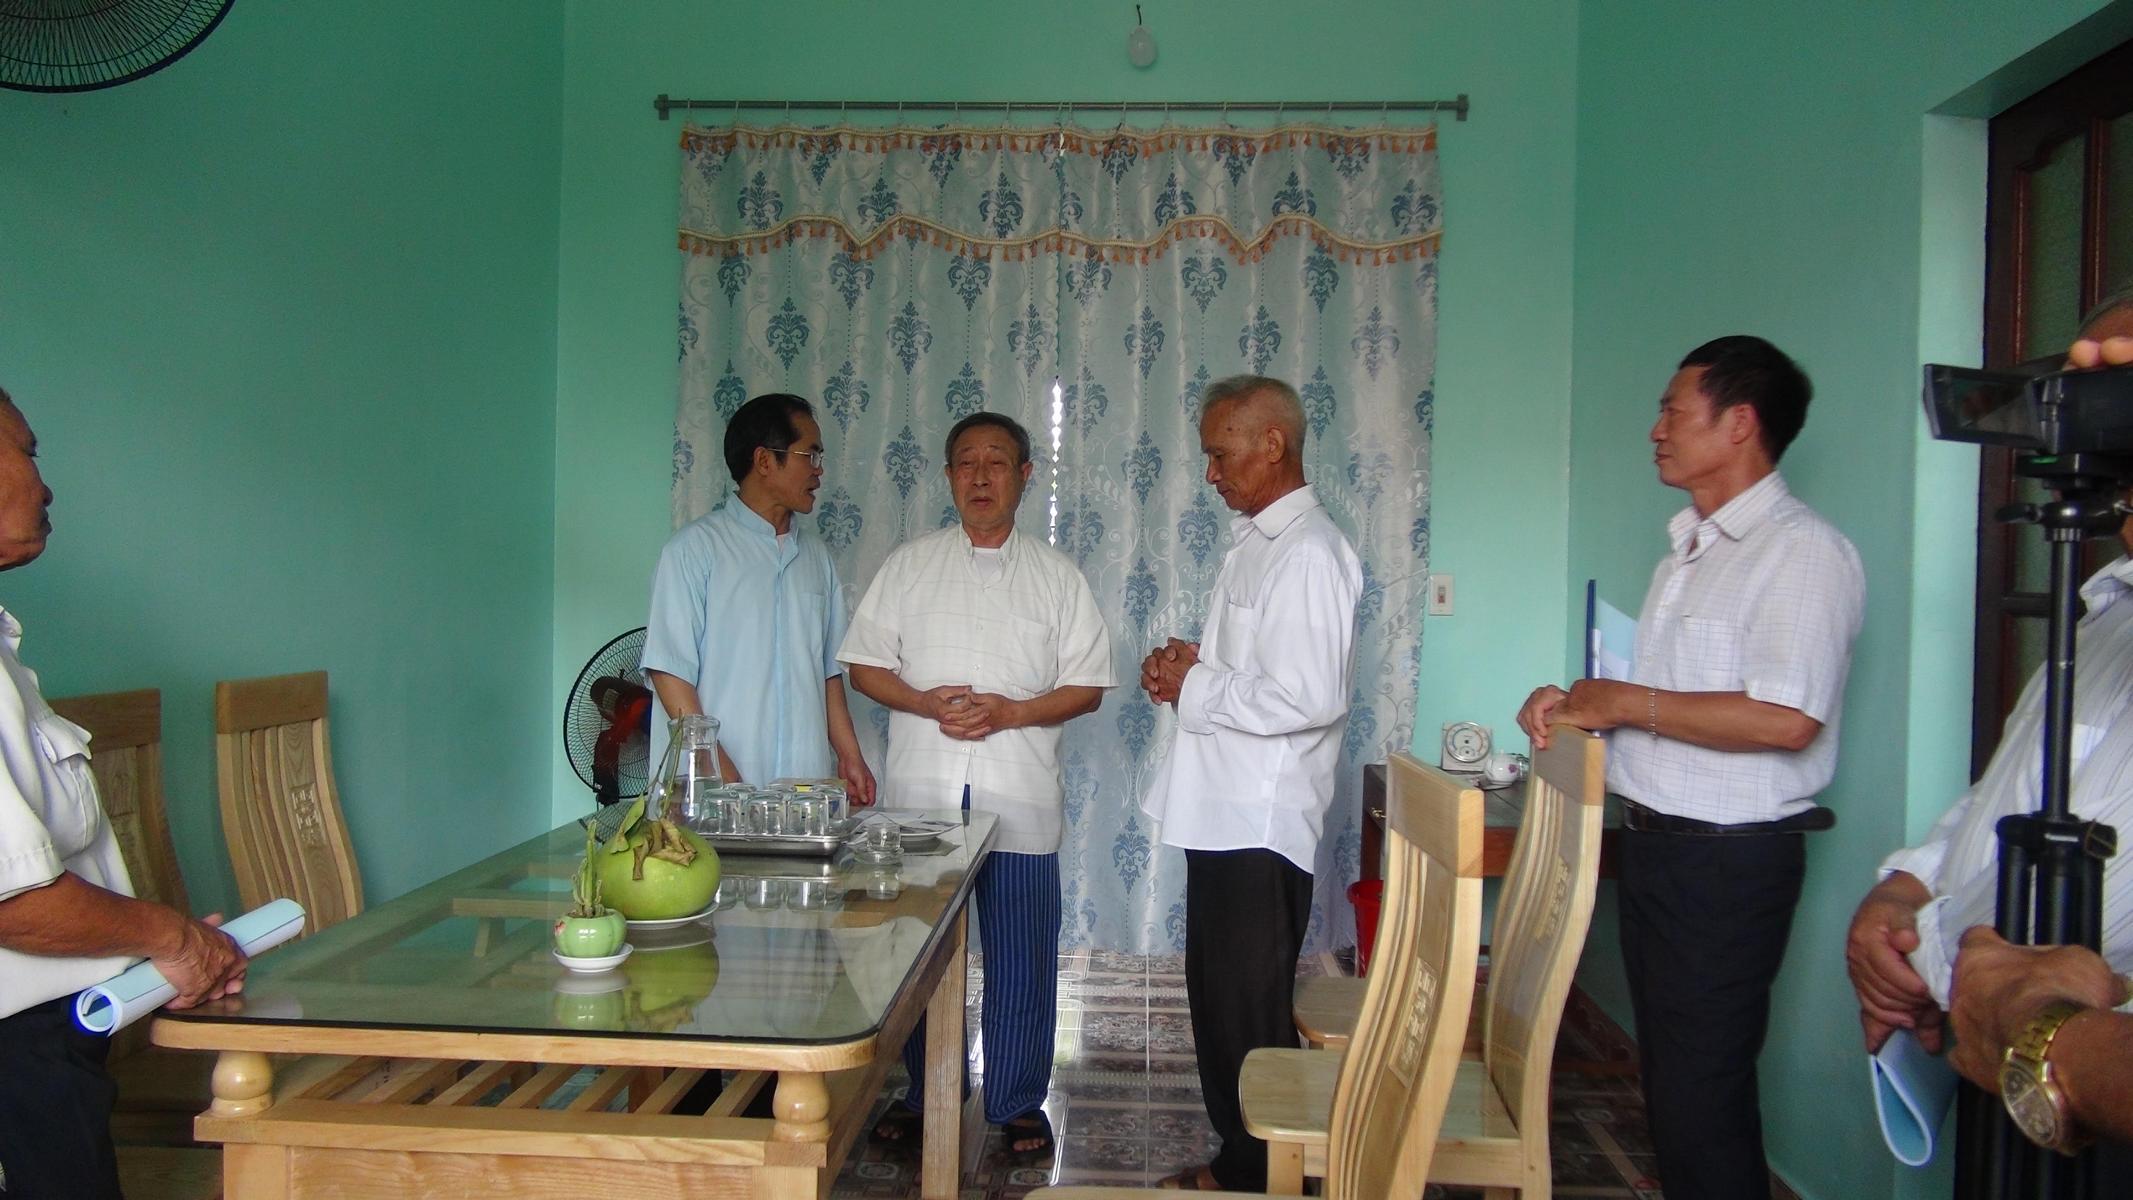 GĐPTTTCG giáo hạt Quỹ Nhất và Tứ Trùng, giáo phận Bùi Chu